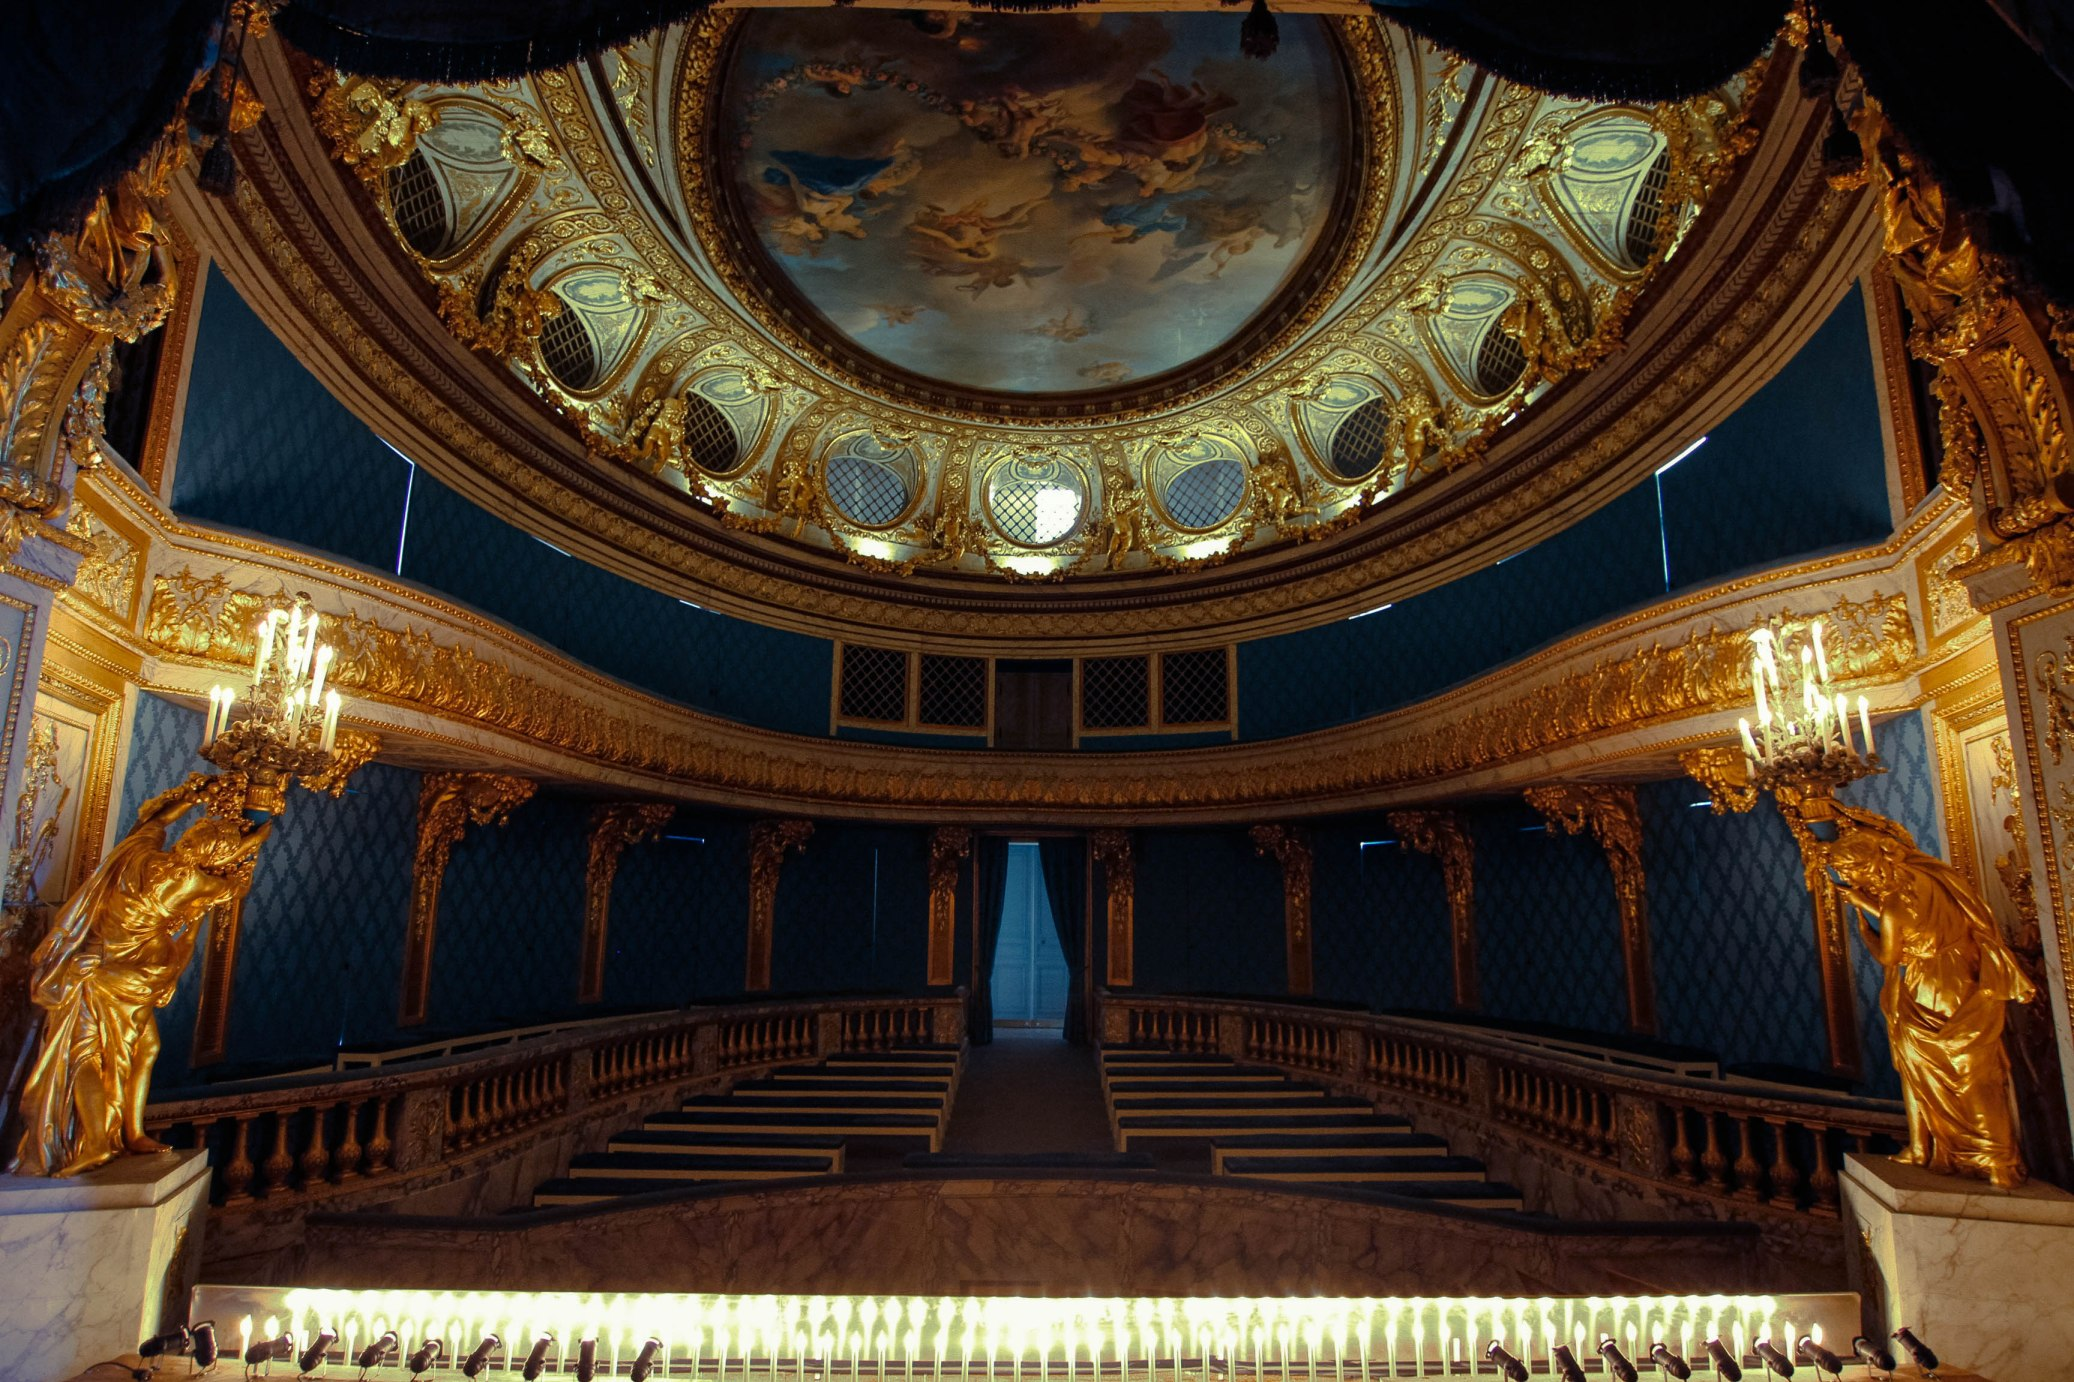 Marie Antoinette Theater Petit Trianon